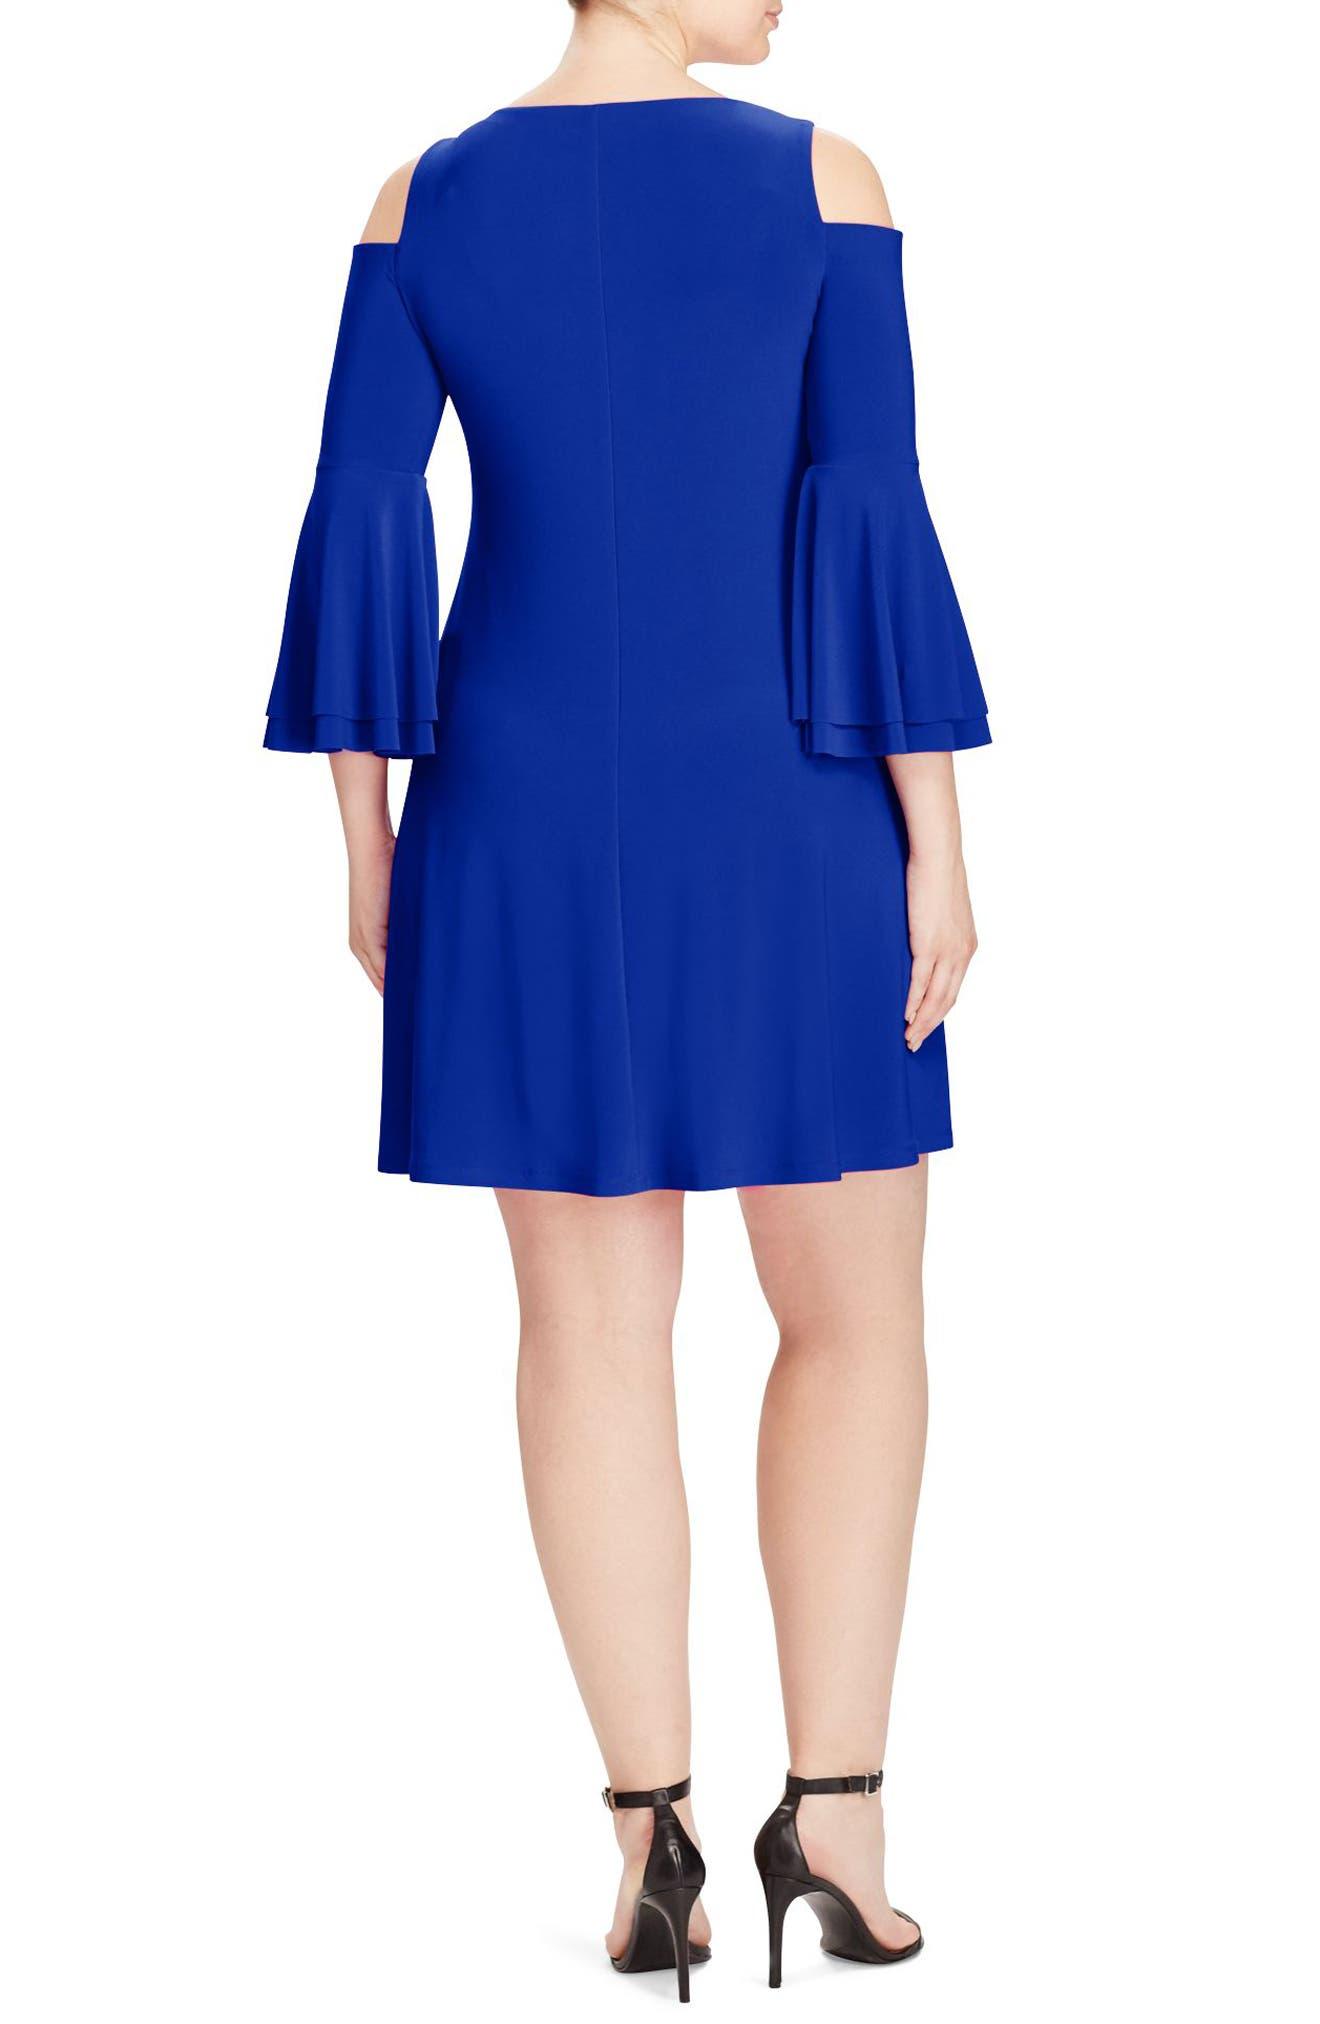 Alternate Image 2  - Lauren Ralph Lauren Cold Shoulder Bell Sleeve Jersey Dress (Plus Size)